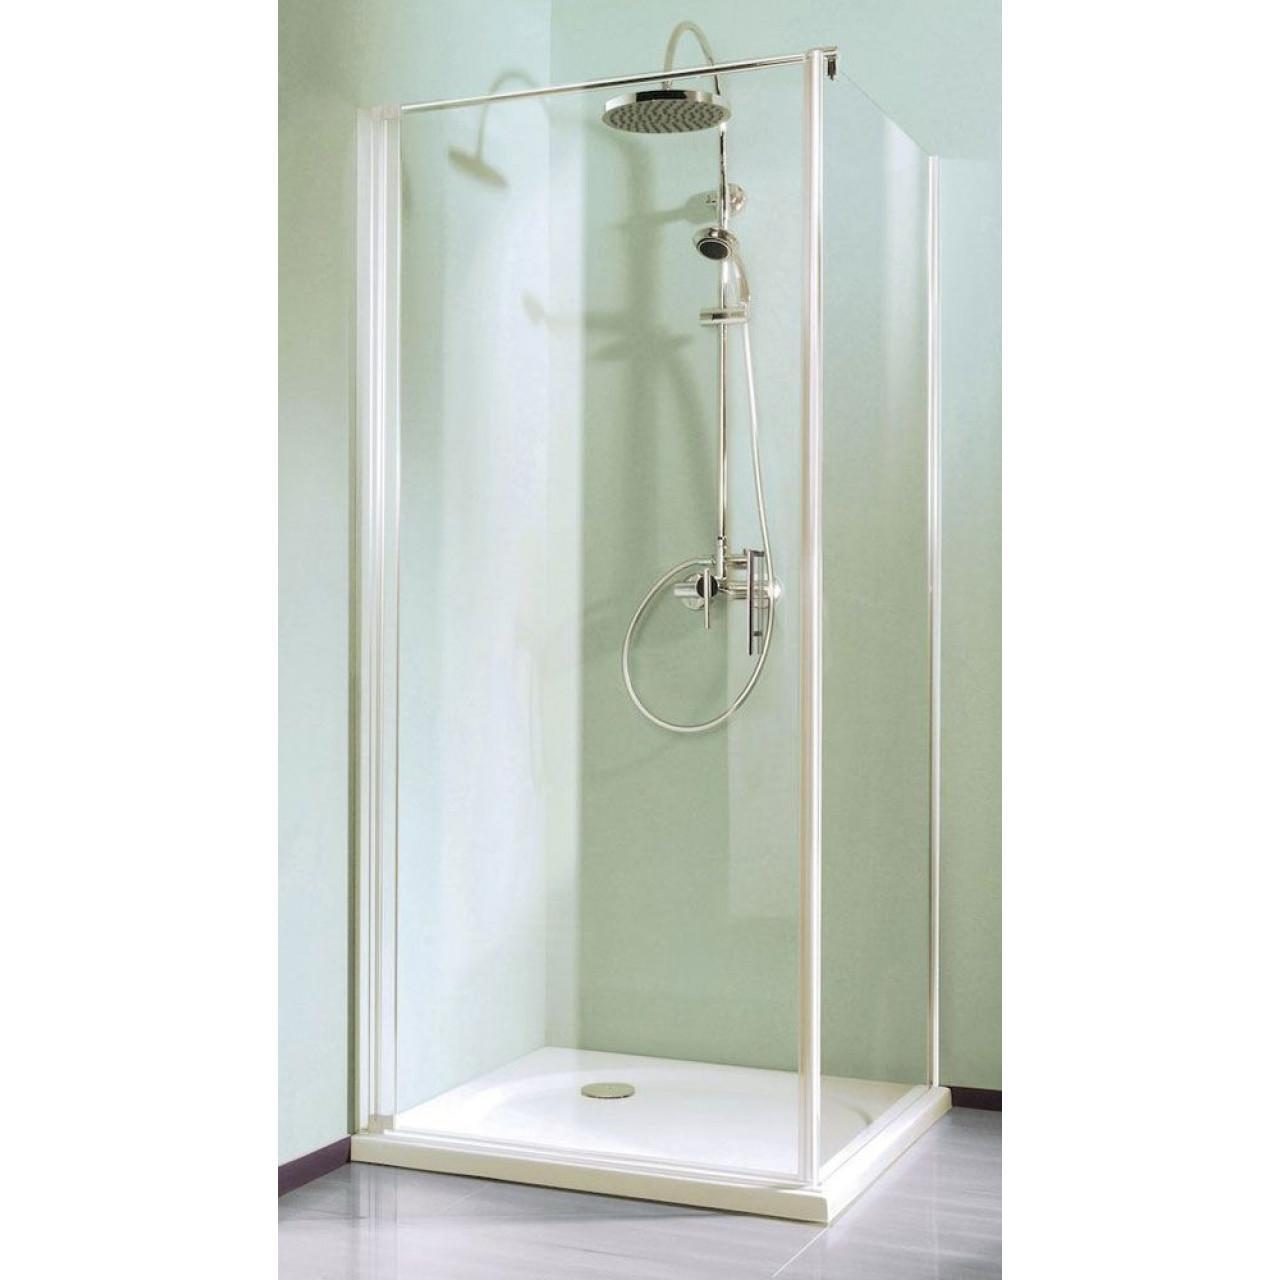 Дверь для душа Duschwelten МК 450 DT 800 5350005001003 купить в Москве по цене от 16300р. в интернет-магазине mebel-v-vannu.ru